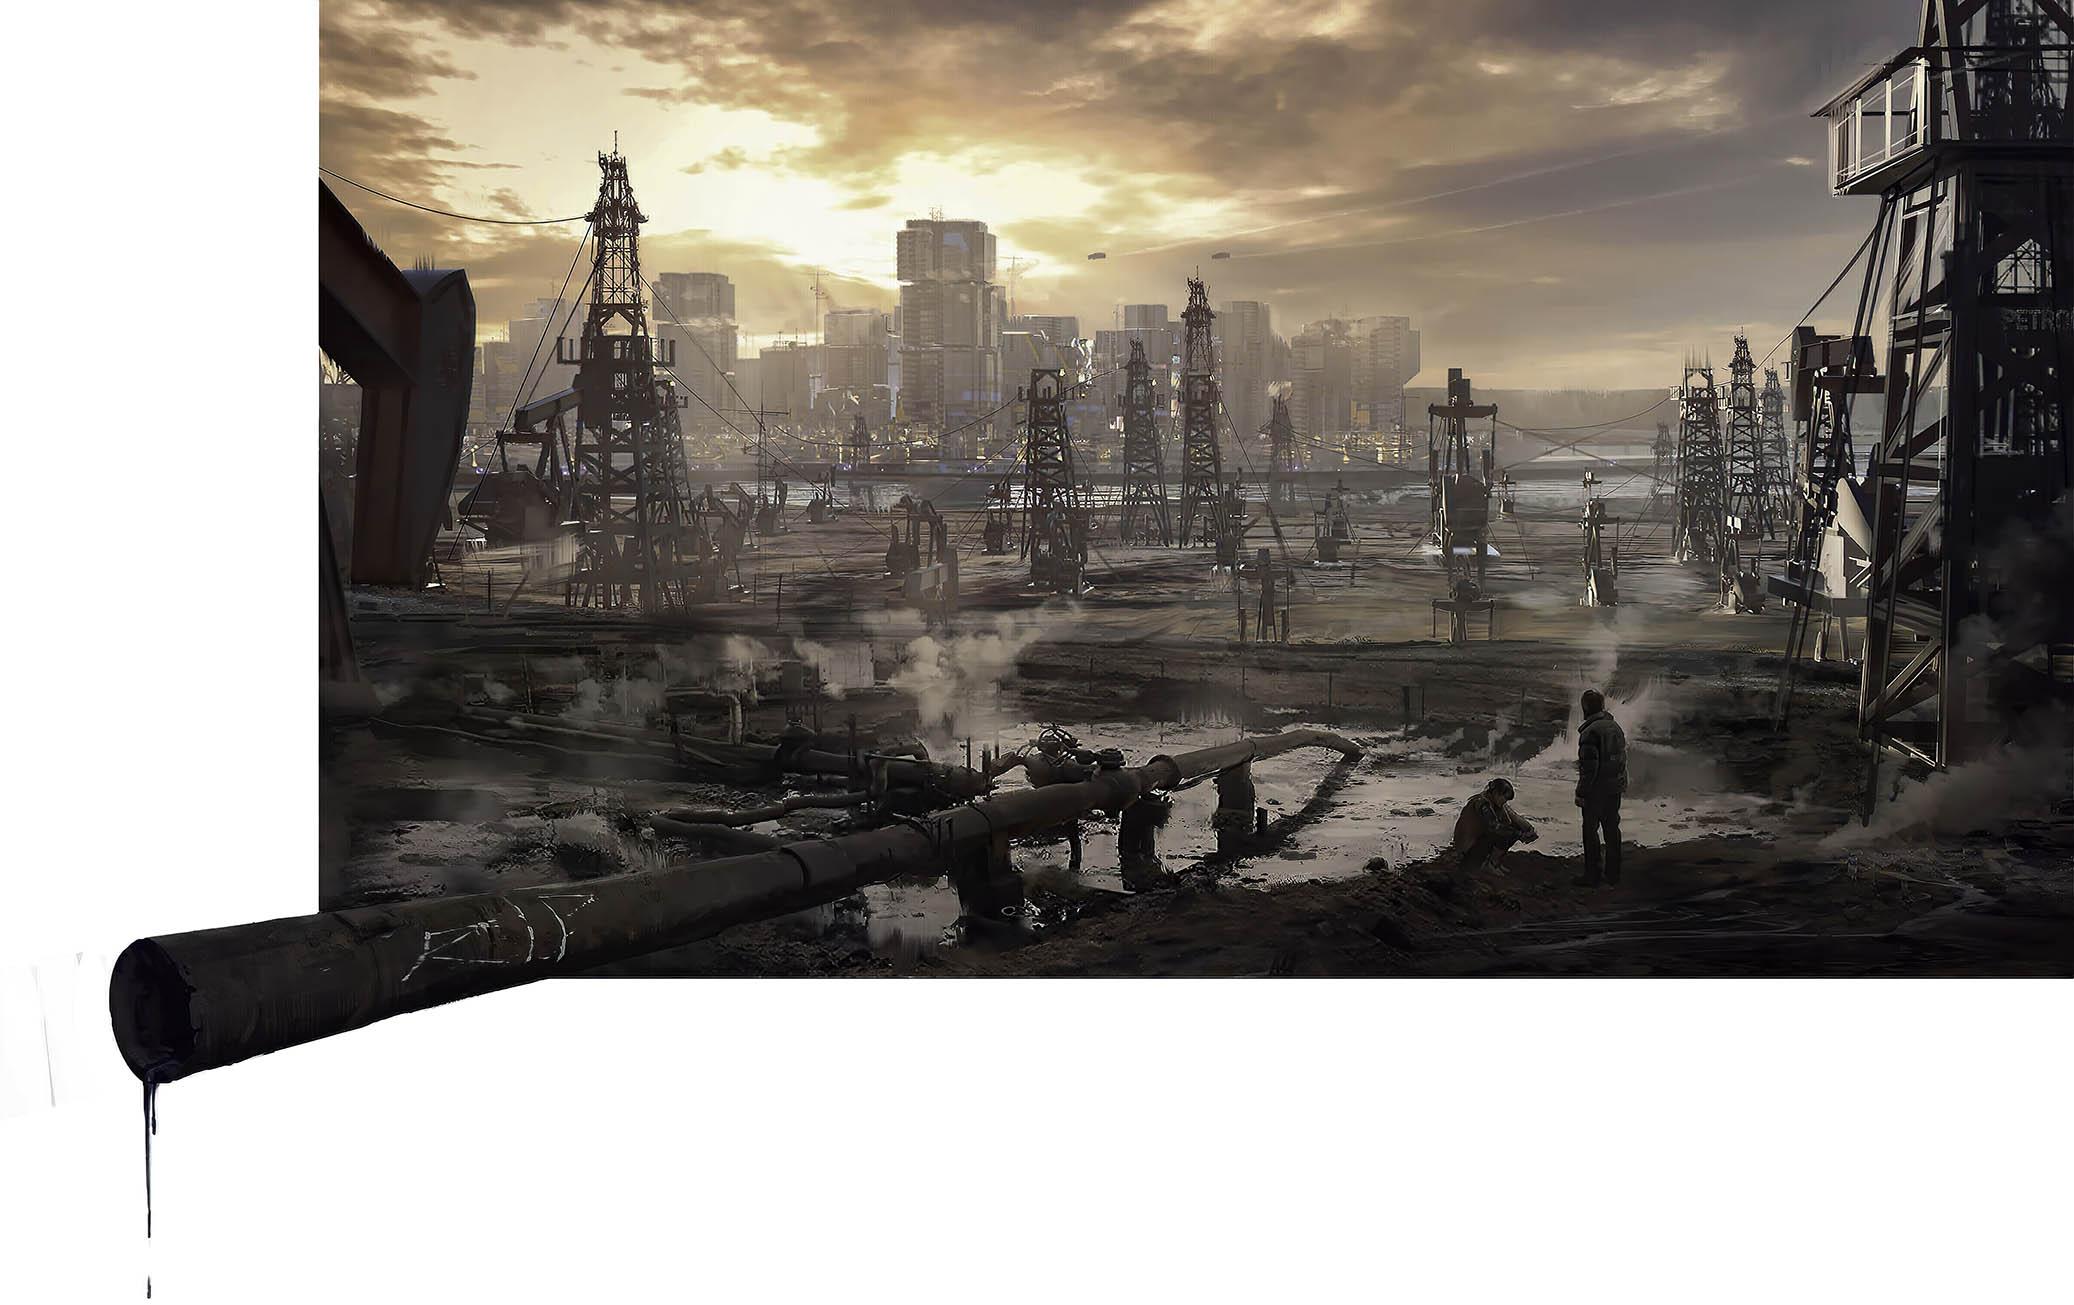 Petrochem Oil Fields